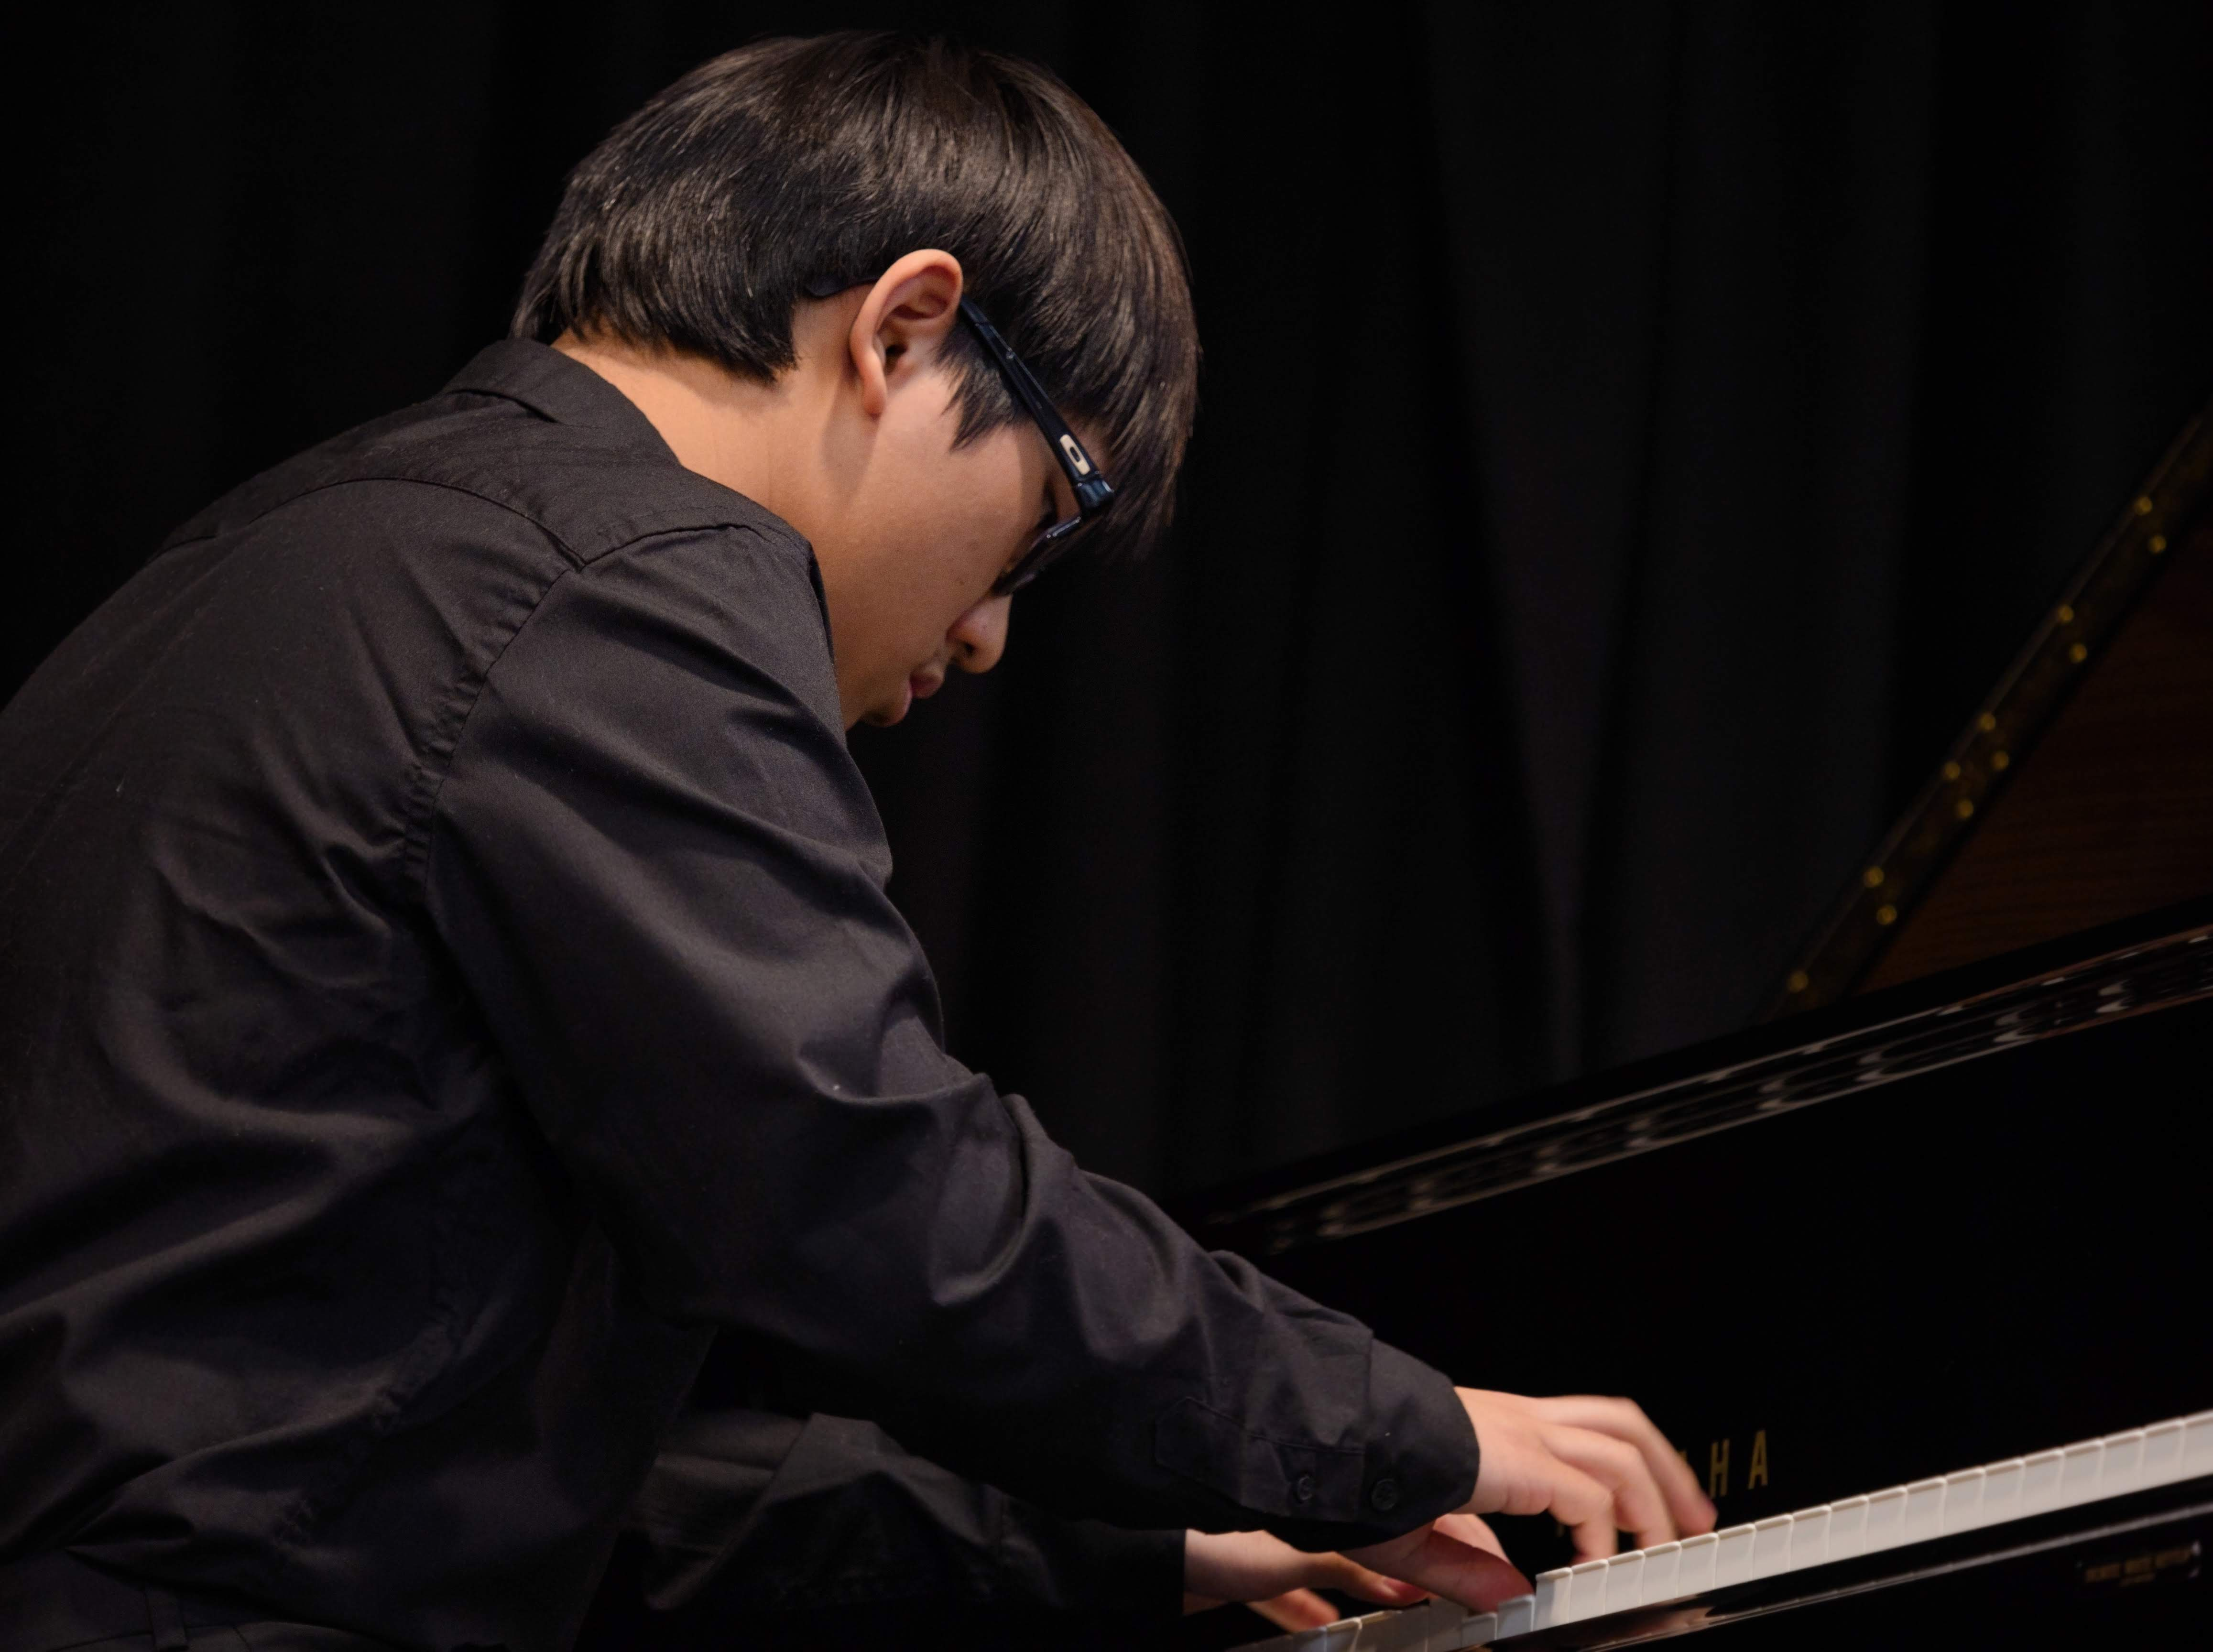 WGE Pianoforte Day 3 Michael Widjaja Displays His Skills on the Piano